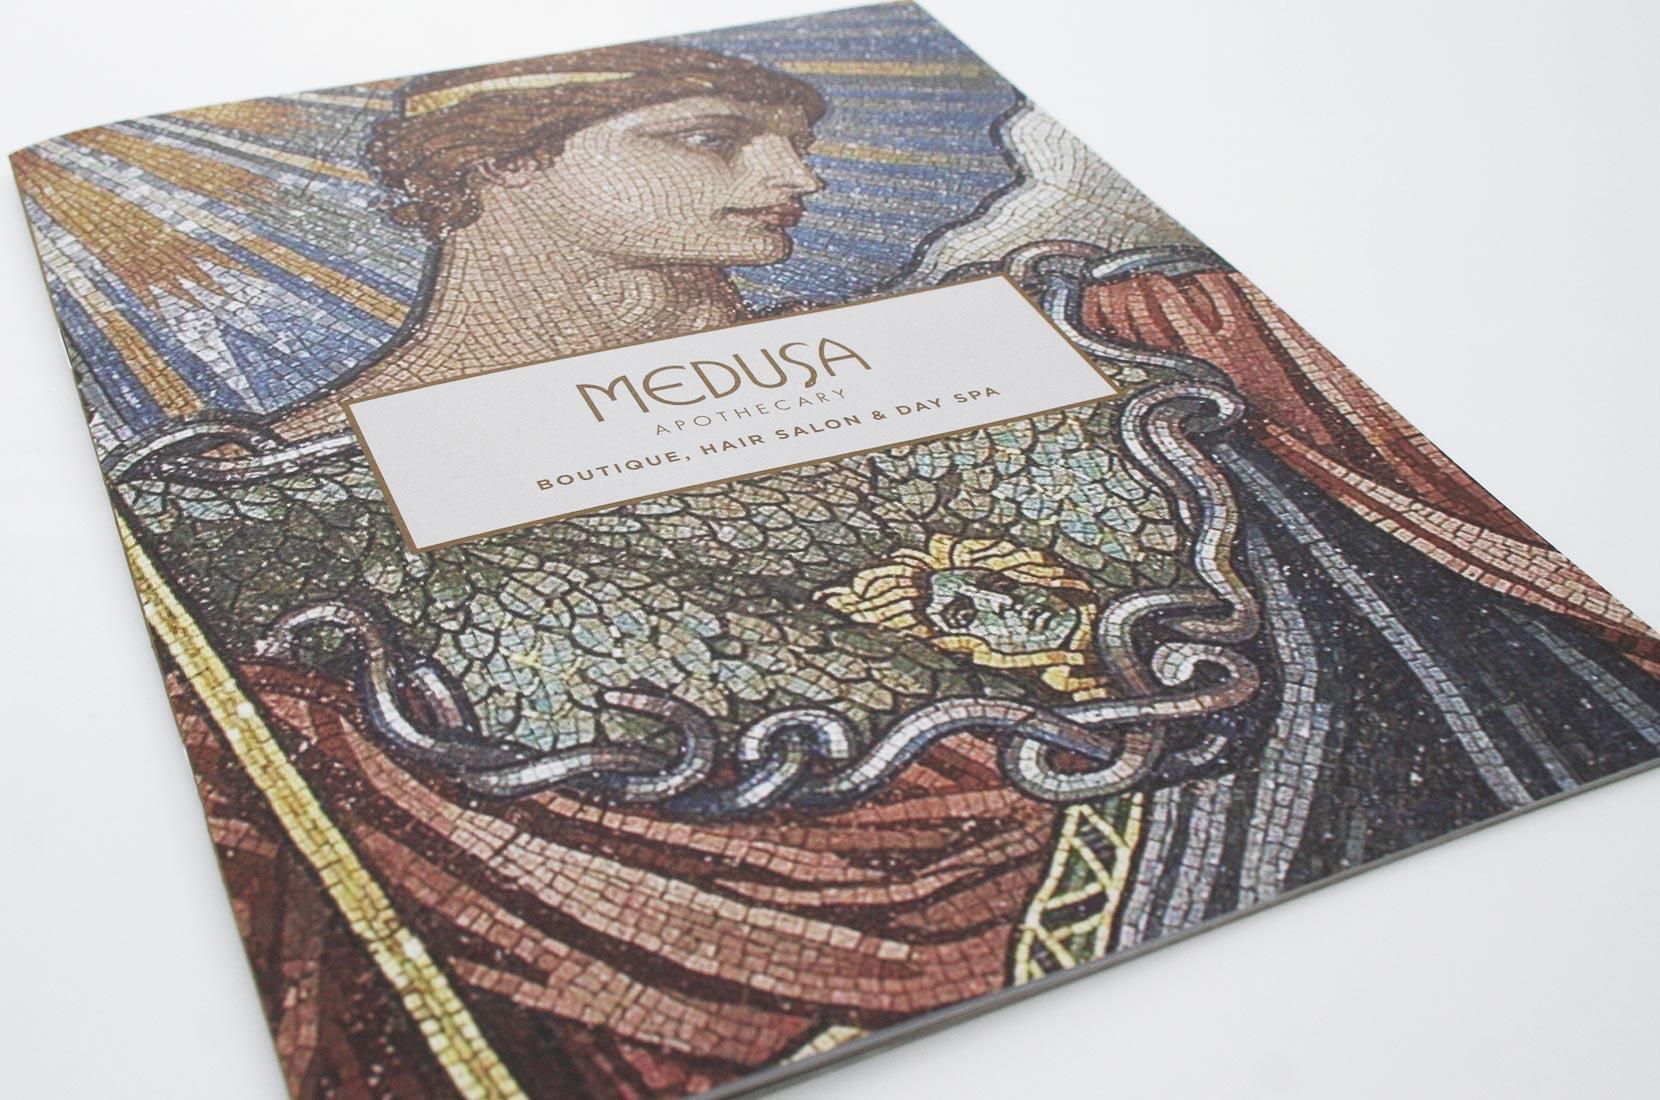 Medusa Magazine